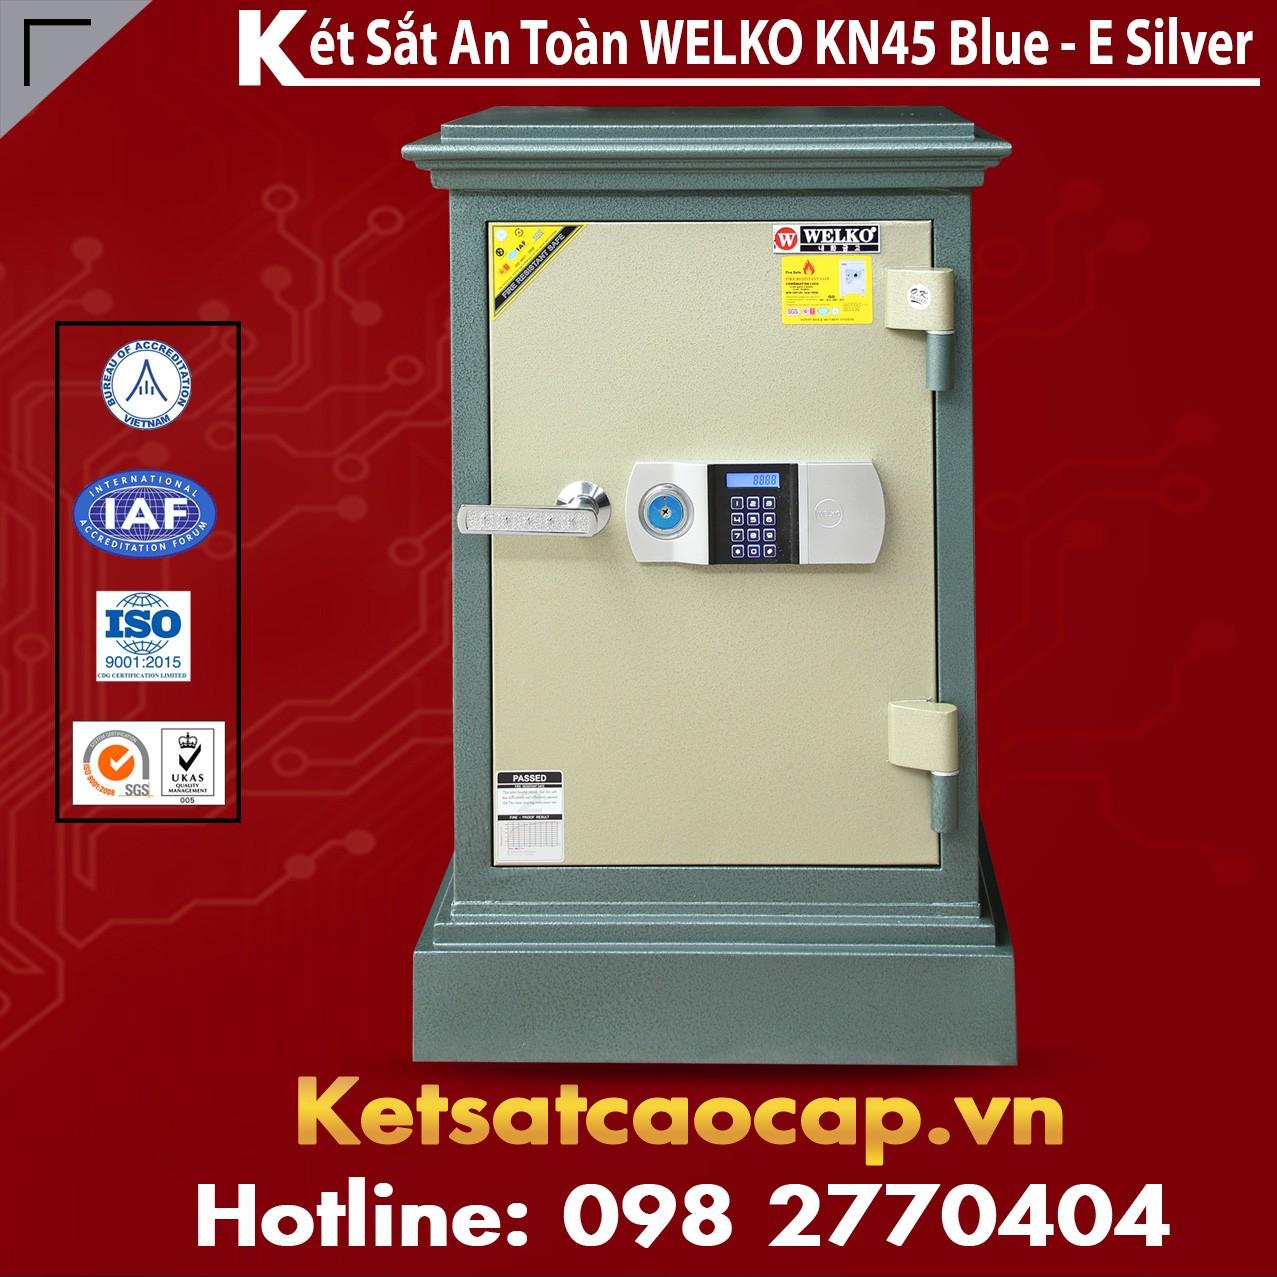 Két Sắt Đà Nẵng KN45 - E Silver